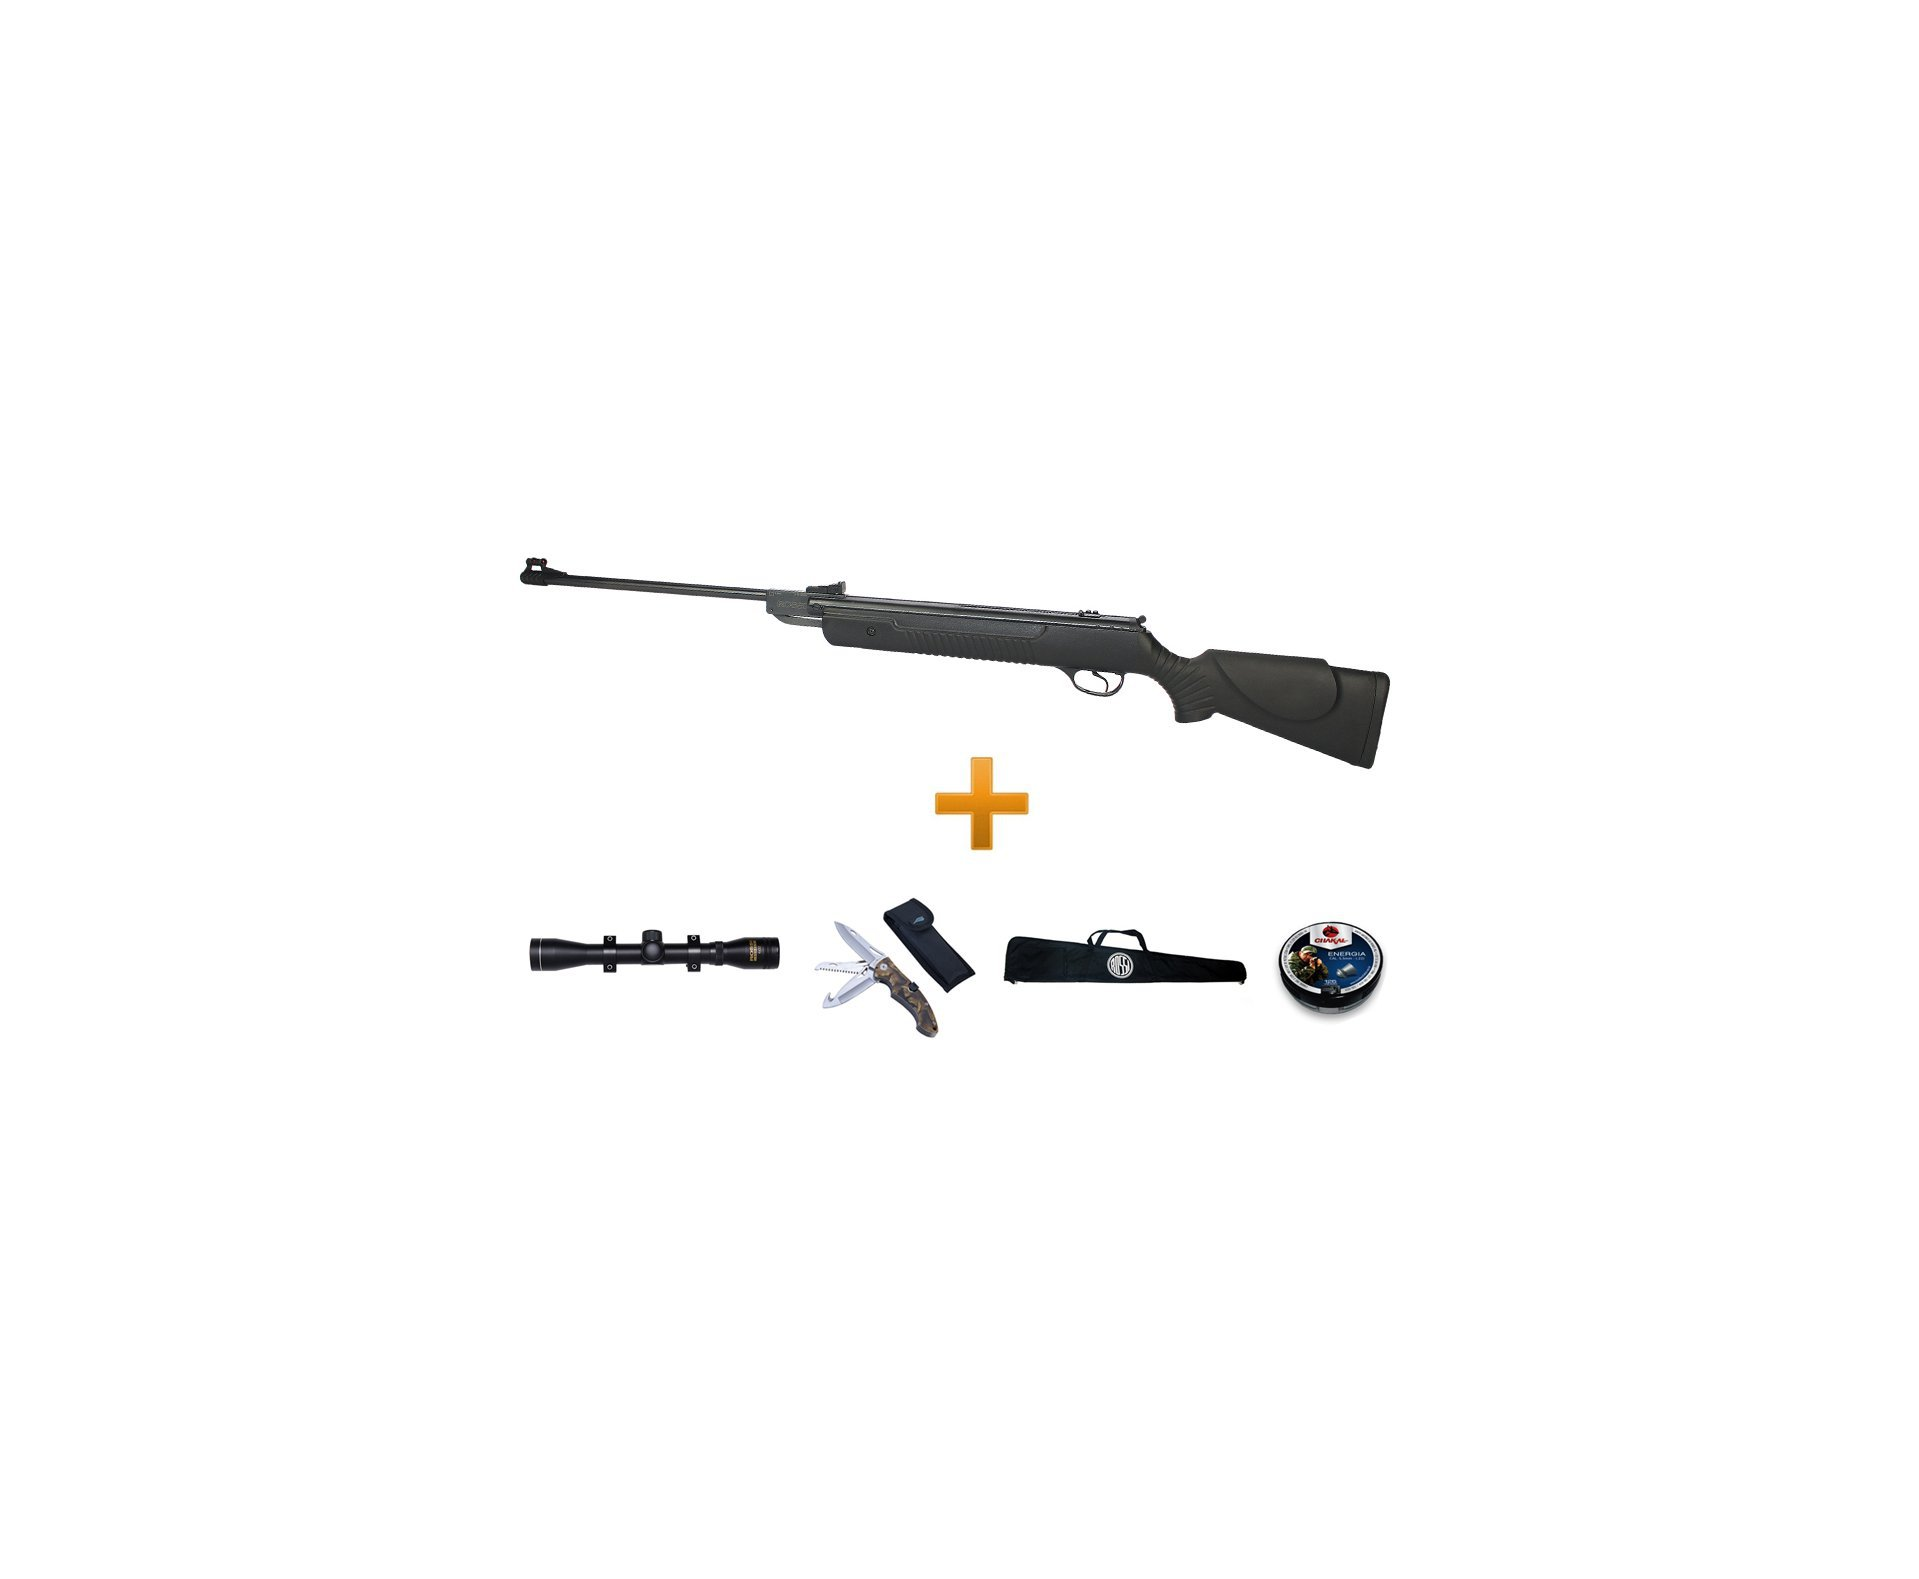 Carabina De Pressão Hatsan Ht 80 Cal 5,5mm + Luneta 4x32 Rossi + Canivete Selva + Chumbinhos + Capa - Rossi